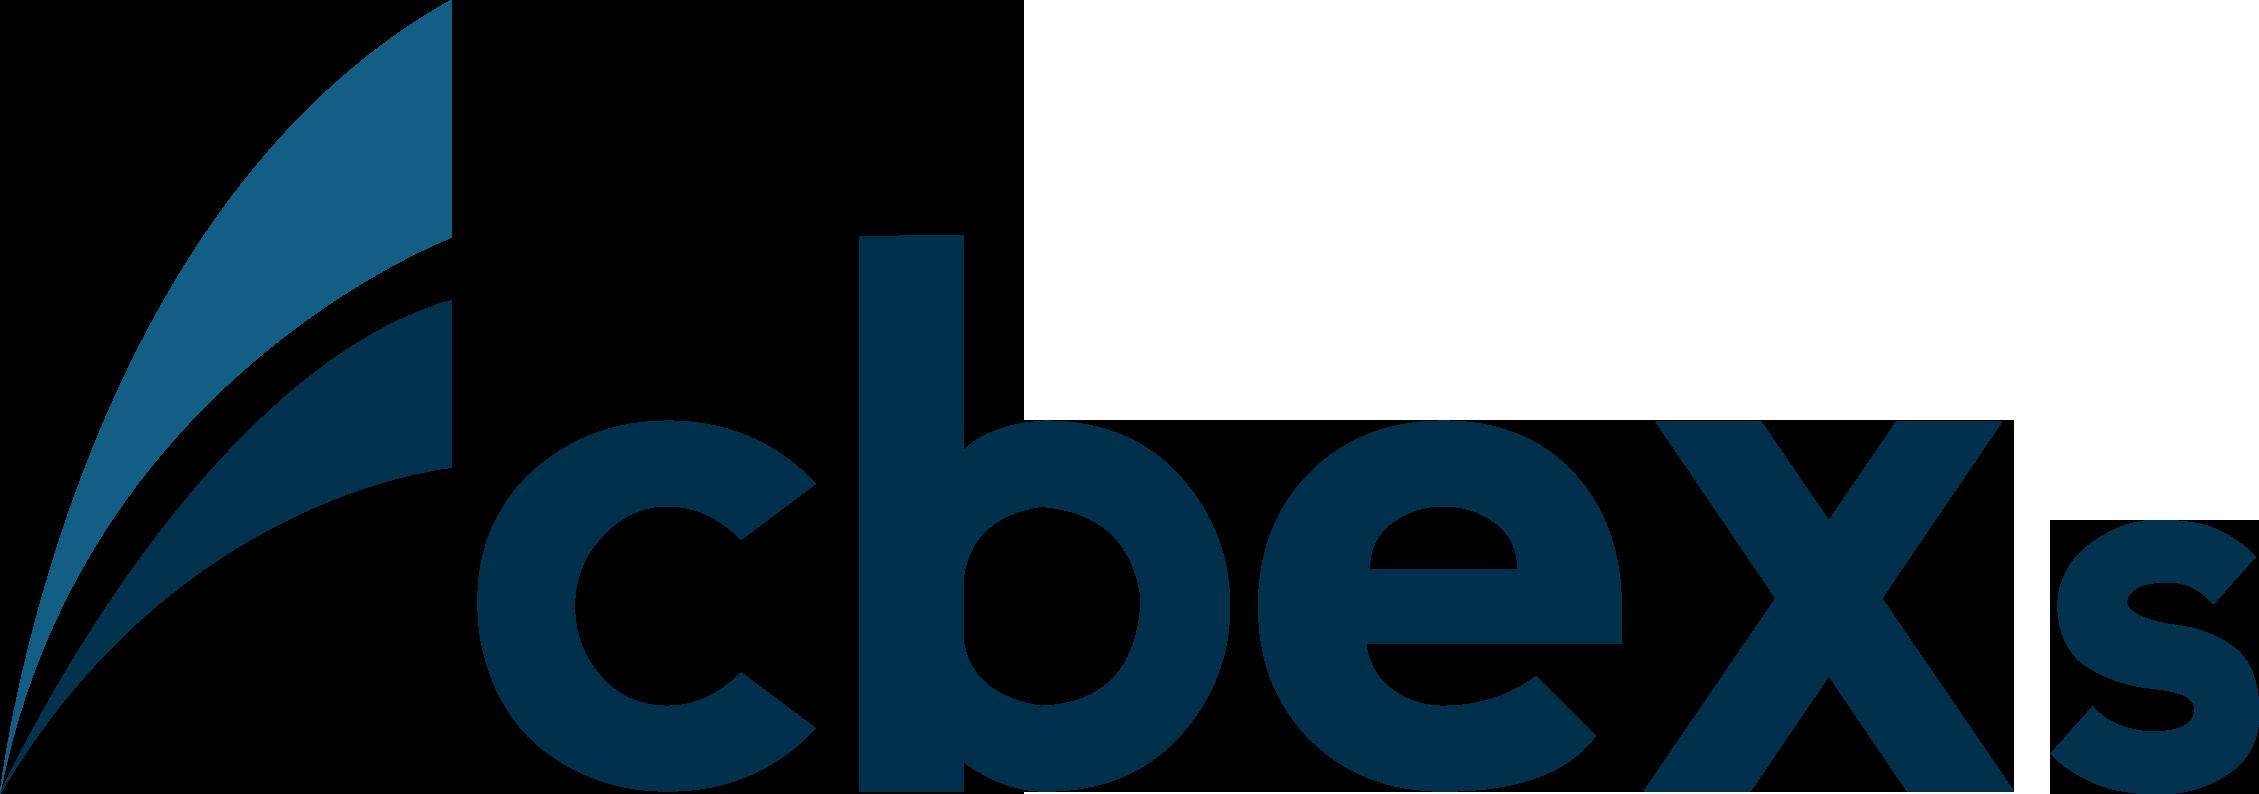 CBEXs